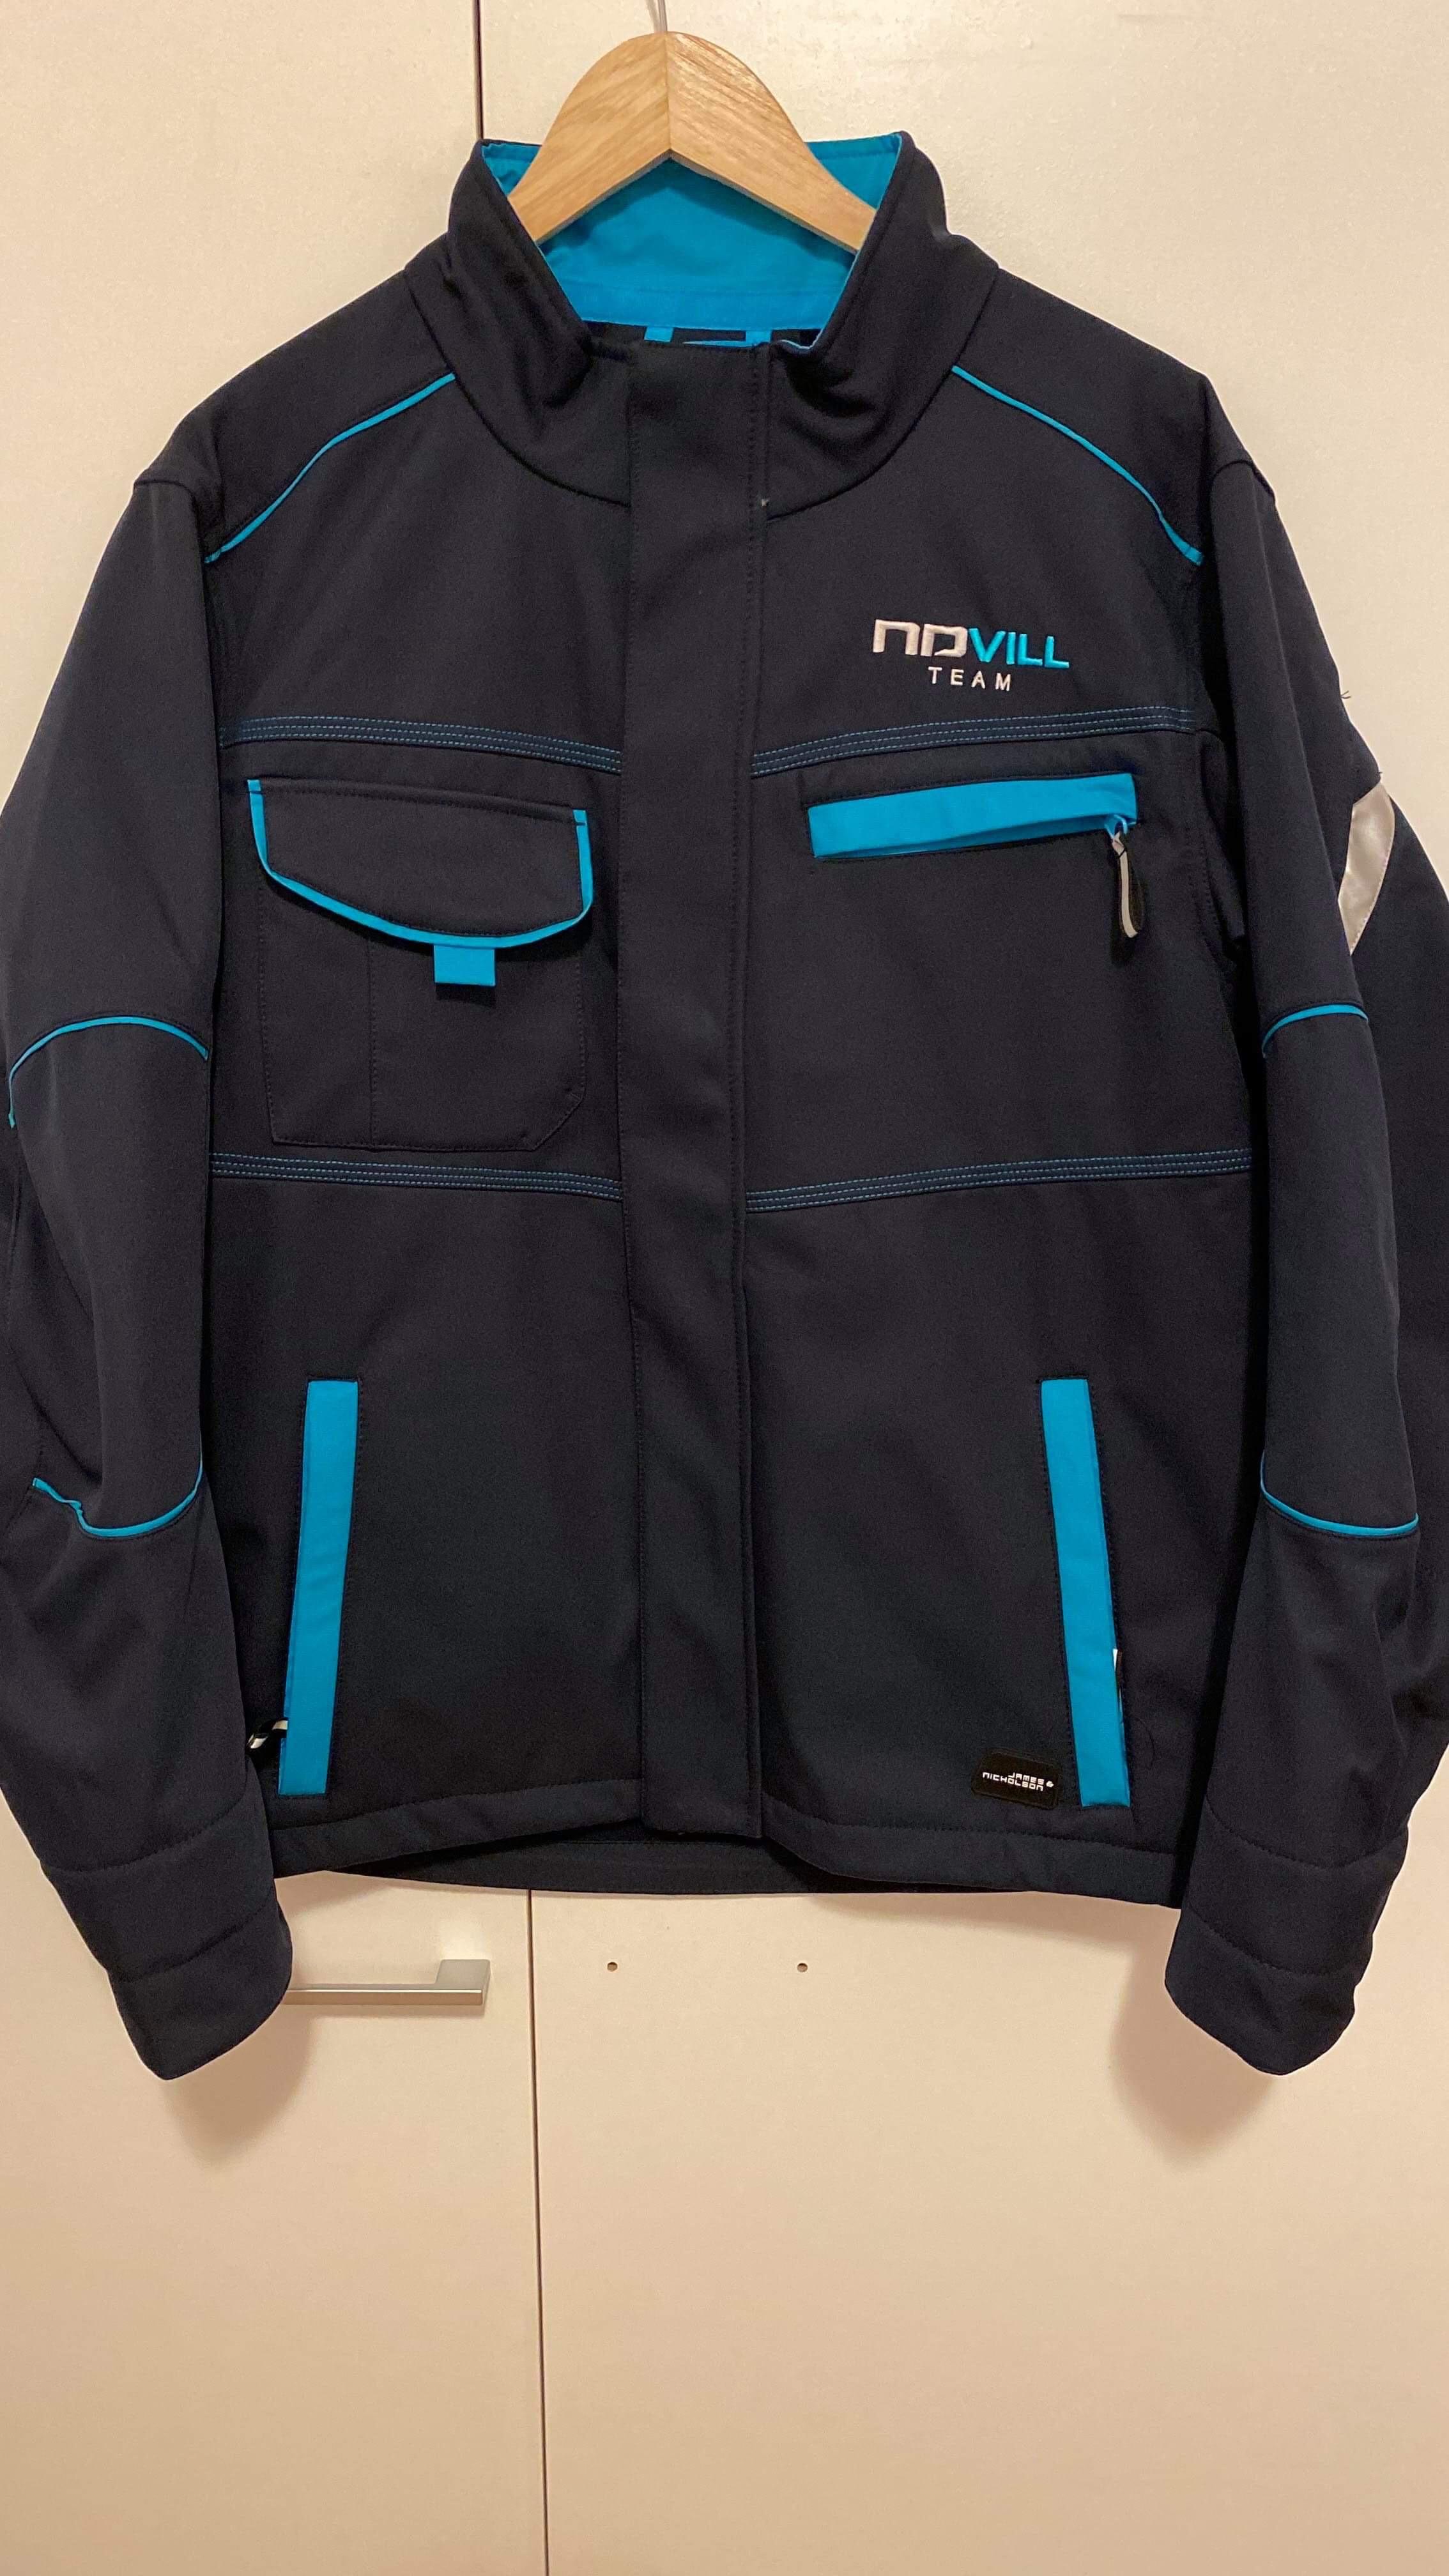 NDVILL Team softshell dzseki elől